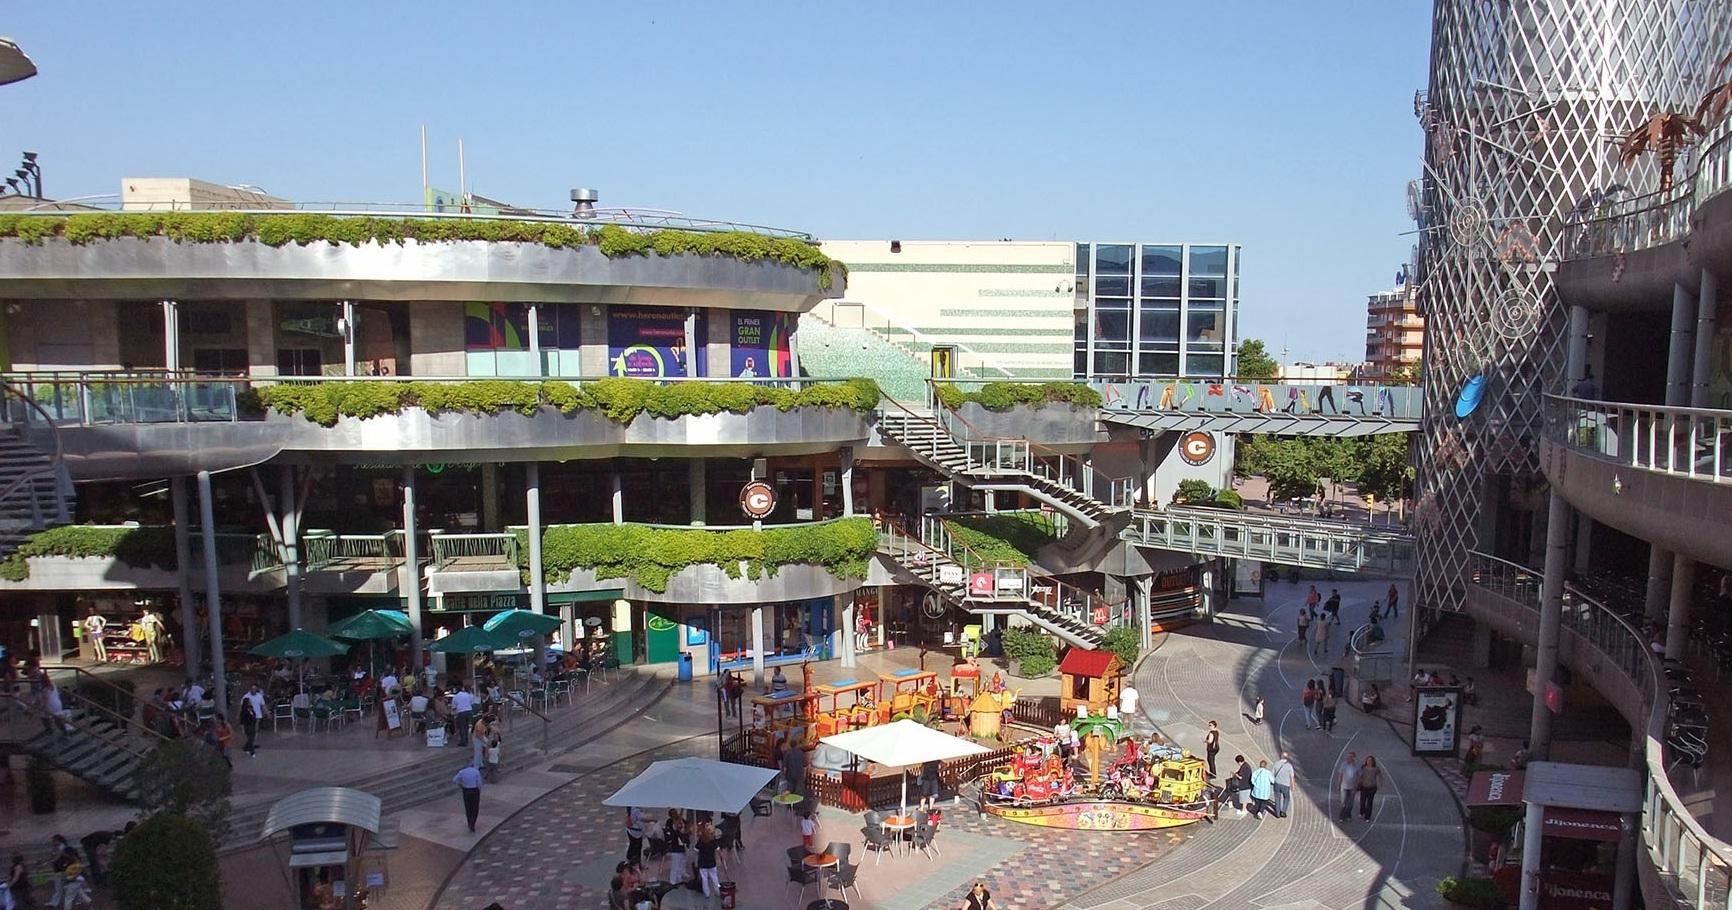 إسبانيا برشلونة افضل اماكن التسوق والمطاعم هورن سيتي اوت ليت